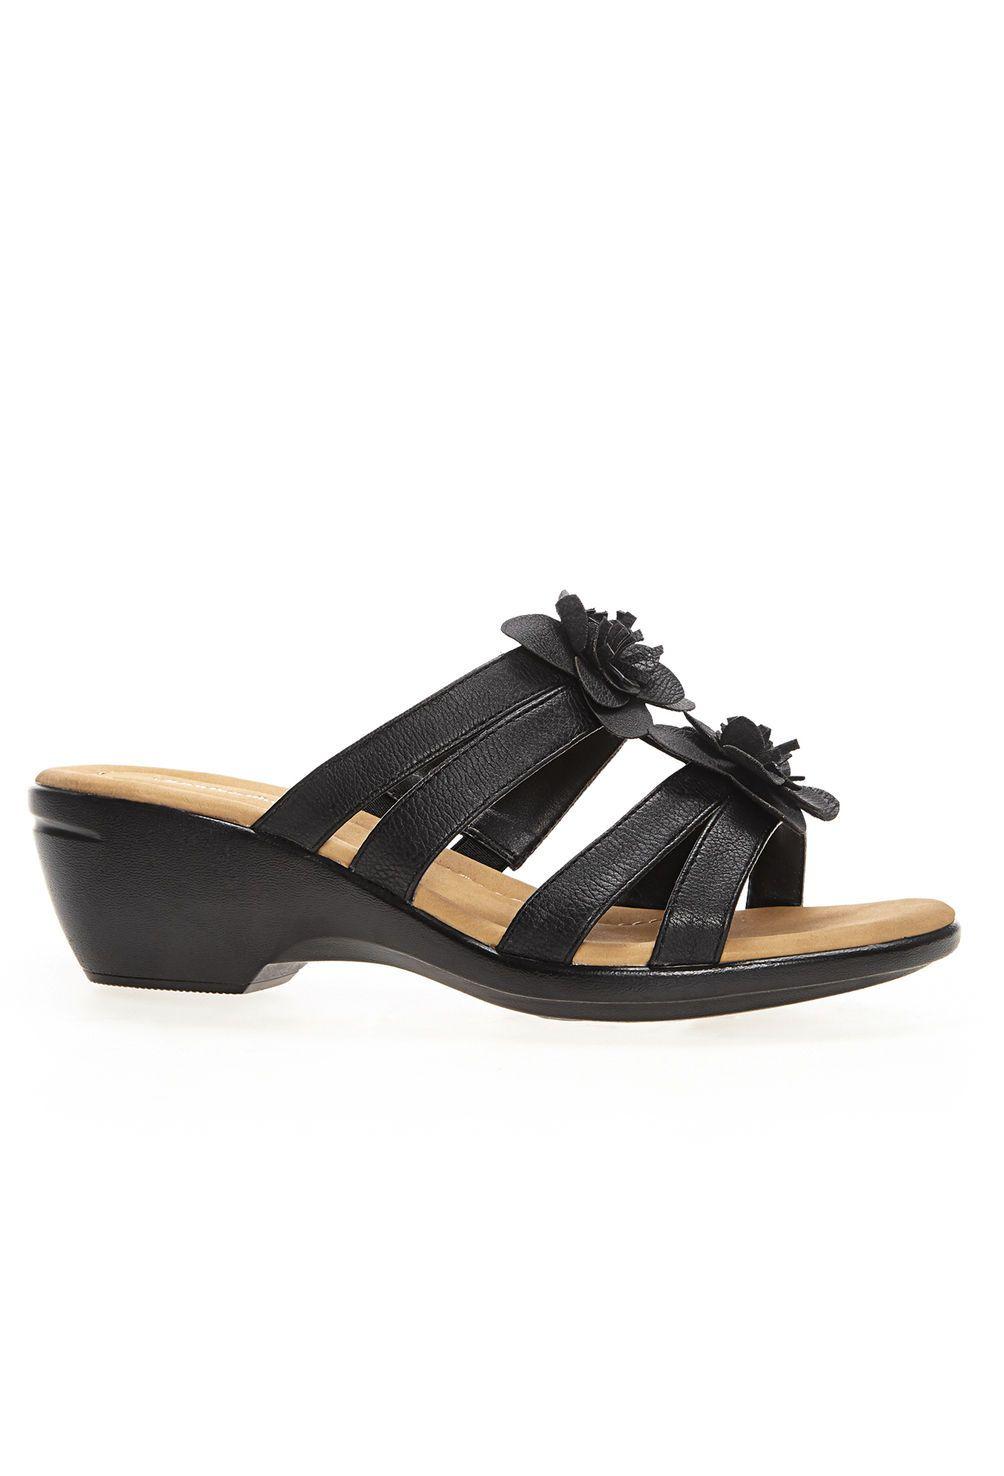 154727370fb3 Fiona Double Flower Cloudwalkers® Comfort Wedge-Wide Width Sandals-Avenue